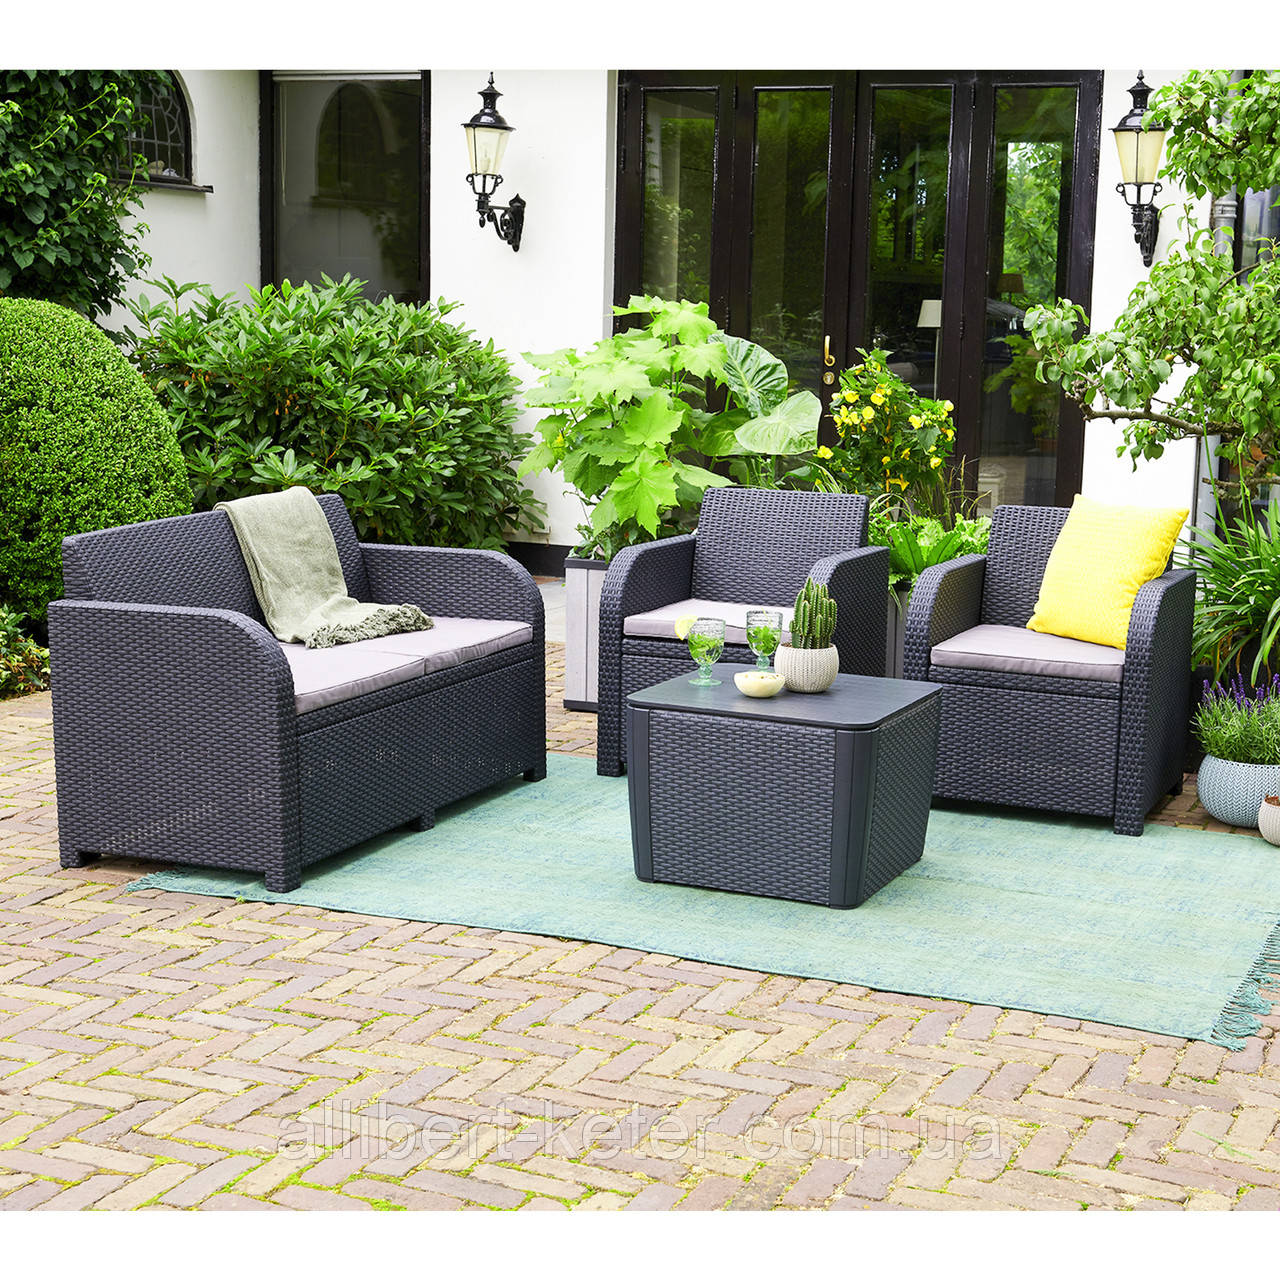 Комплект садовой мебели Allibert by Keter Novara Lounge Set искусственный ротанг ( Novara Set )